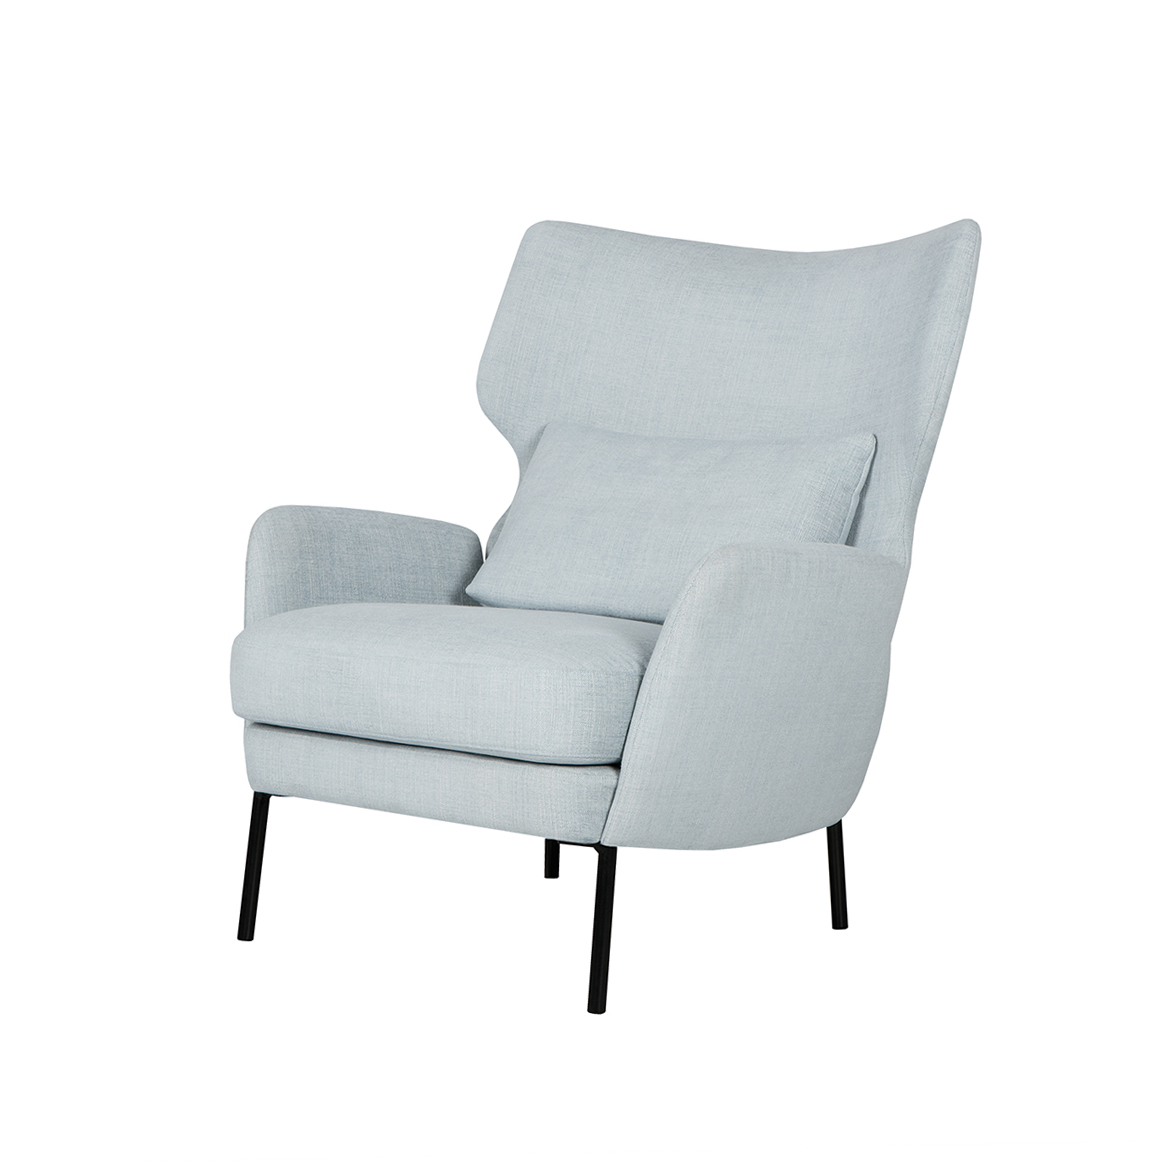 Кресло AlexИнтерьерные<br>Дизайнерское большое стильное кресло Alex (Алекс) из хлопка, льна, полиэстера от Sits (Ситс).<br><br><br> Утонченный вкус и минимум деталей — вот то, что отличает современный стиль в интерьере, что придает ему интересный характер и дарит большое количество пространства и свободы. Сегодня не только стиль и свободное пространство имеют значение в мебельной обстановке комнат, но и уровень качества и удобства используемой мебели. Представленное здесь кресло полностью отвечает этим требованиям и пора...<br><br>stock: 0<br>Высота: 93<br>Высота сиденья: 43<br>Ширина: 79<br>Глубина: 93<br>Цвет ножек: Черный<br>Материал обивки: Полиэстер, Вискоза, Хлопок, Лен<br>Степень комфортности: Стандарт комфорт<br>Форма подлокотников: Стандарт<br>Коллекция ткани: Категория ткани IV<br>Тип материала обивки: Ткань<br>Тип материала ножек: Металл<br>Цвет обивки: Светло-бирюзовый